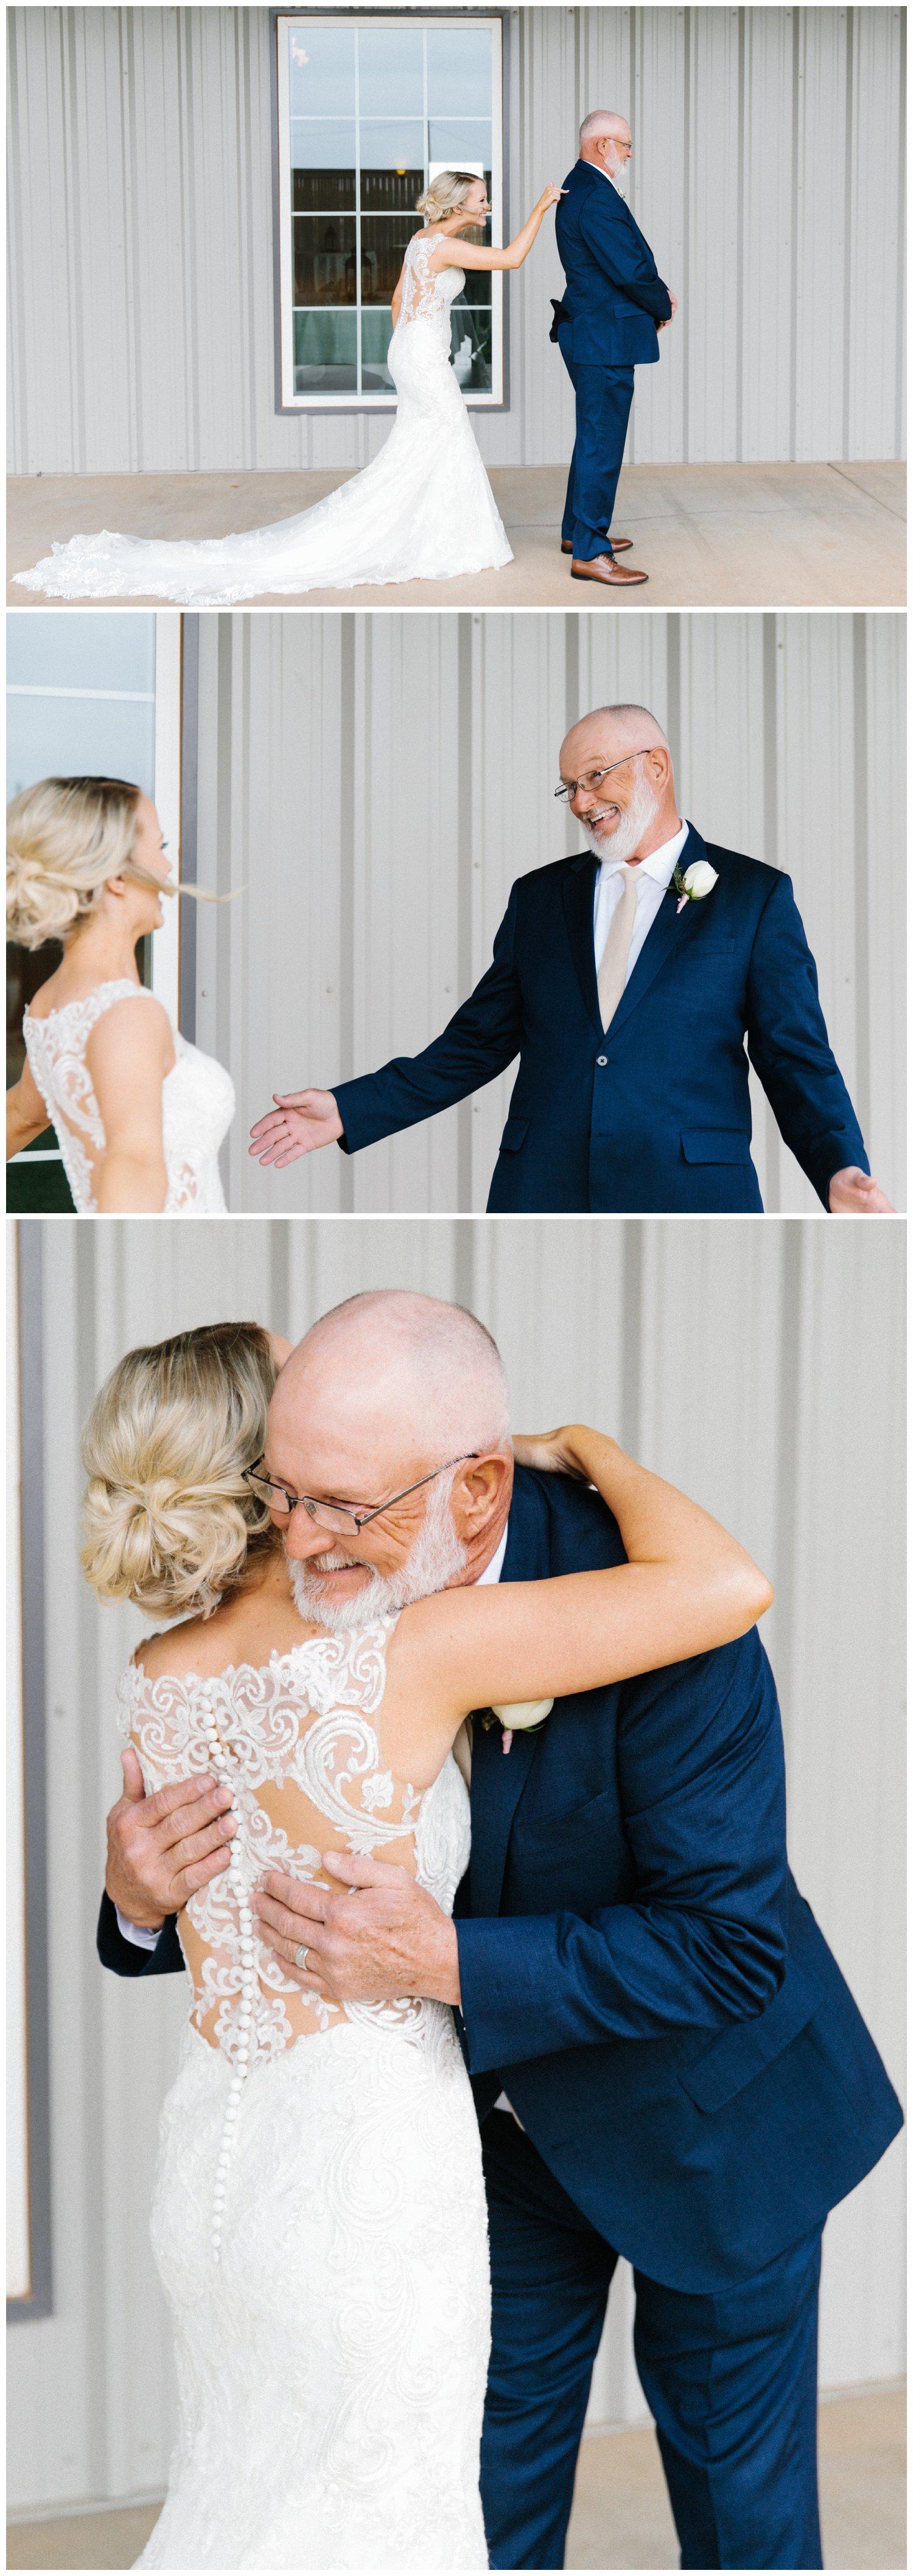 classic west texas wedding_0013.jpg